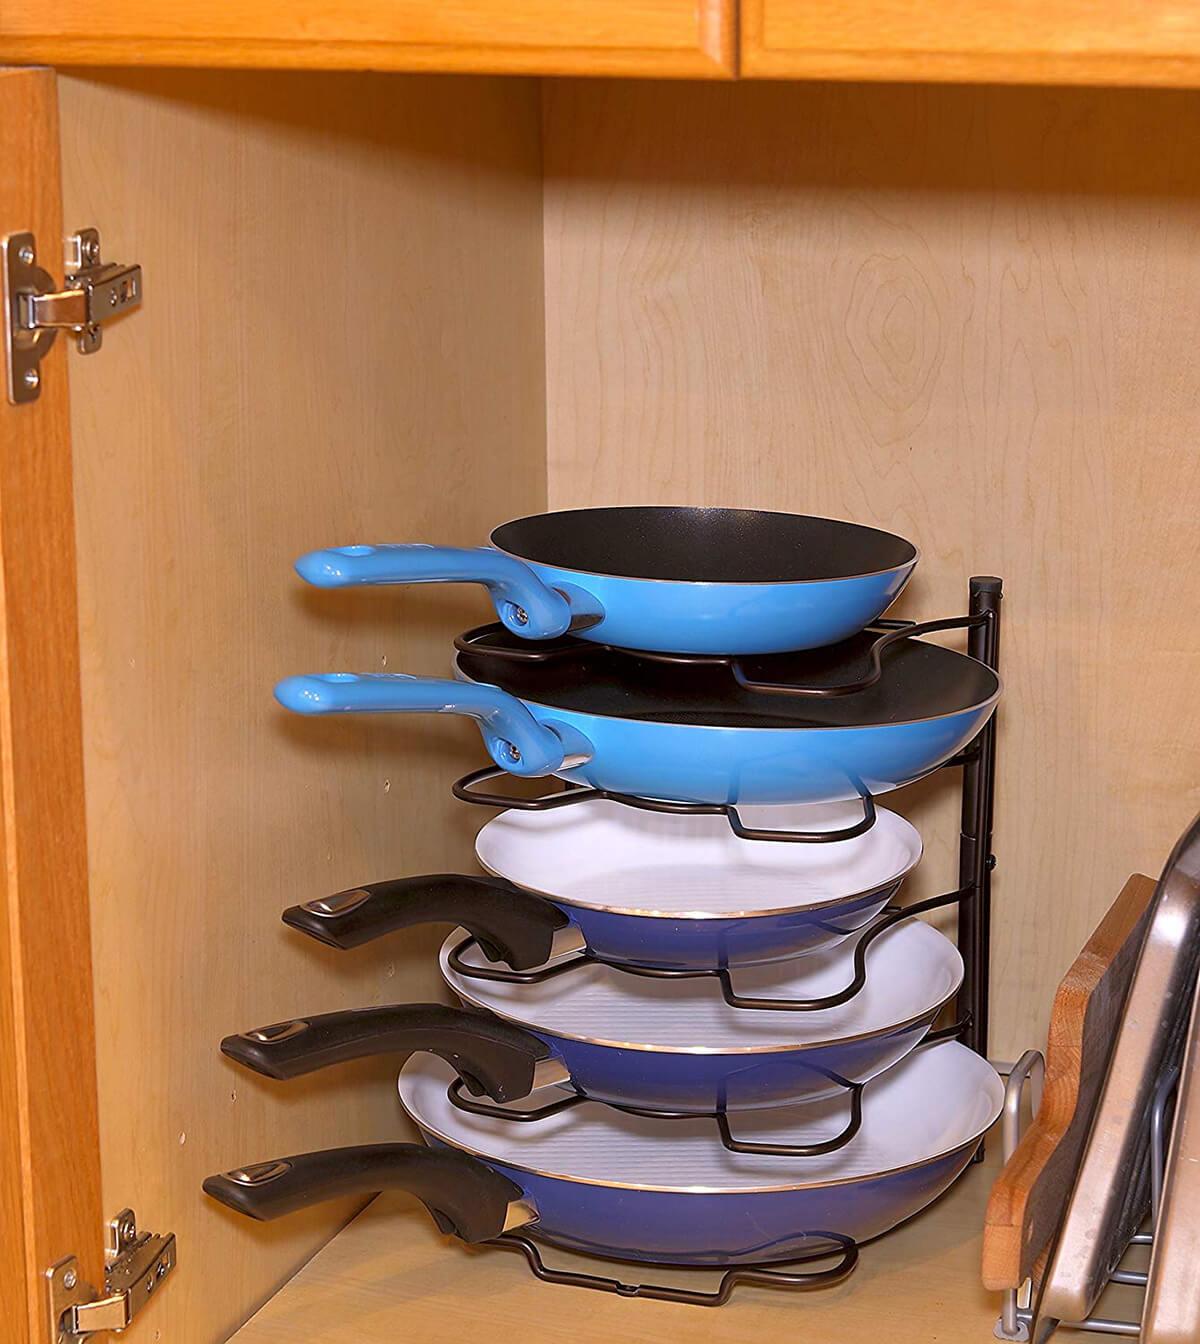 Советы для поддержания порядка и чистоты на кухне фото 2